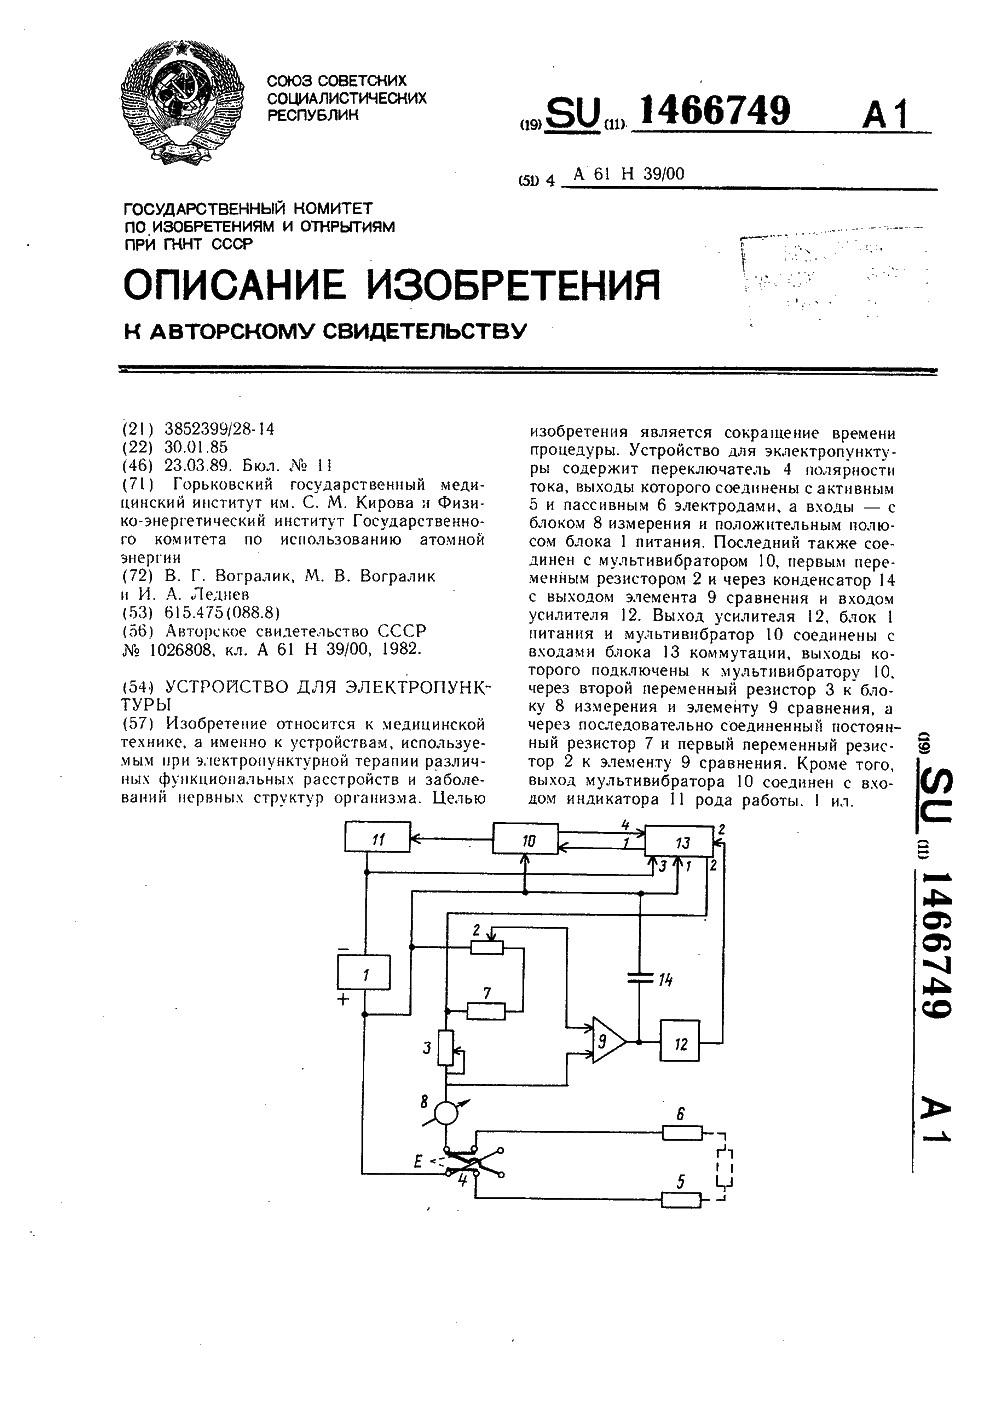 http://s0.uploads.ru/yOPmx.jpg